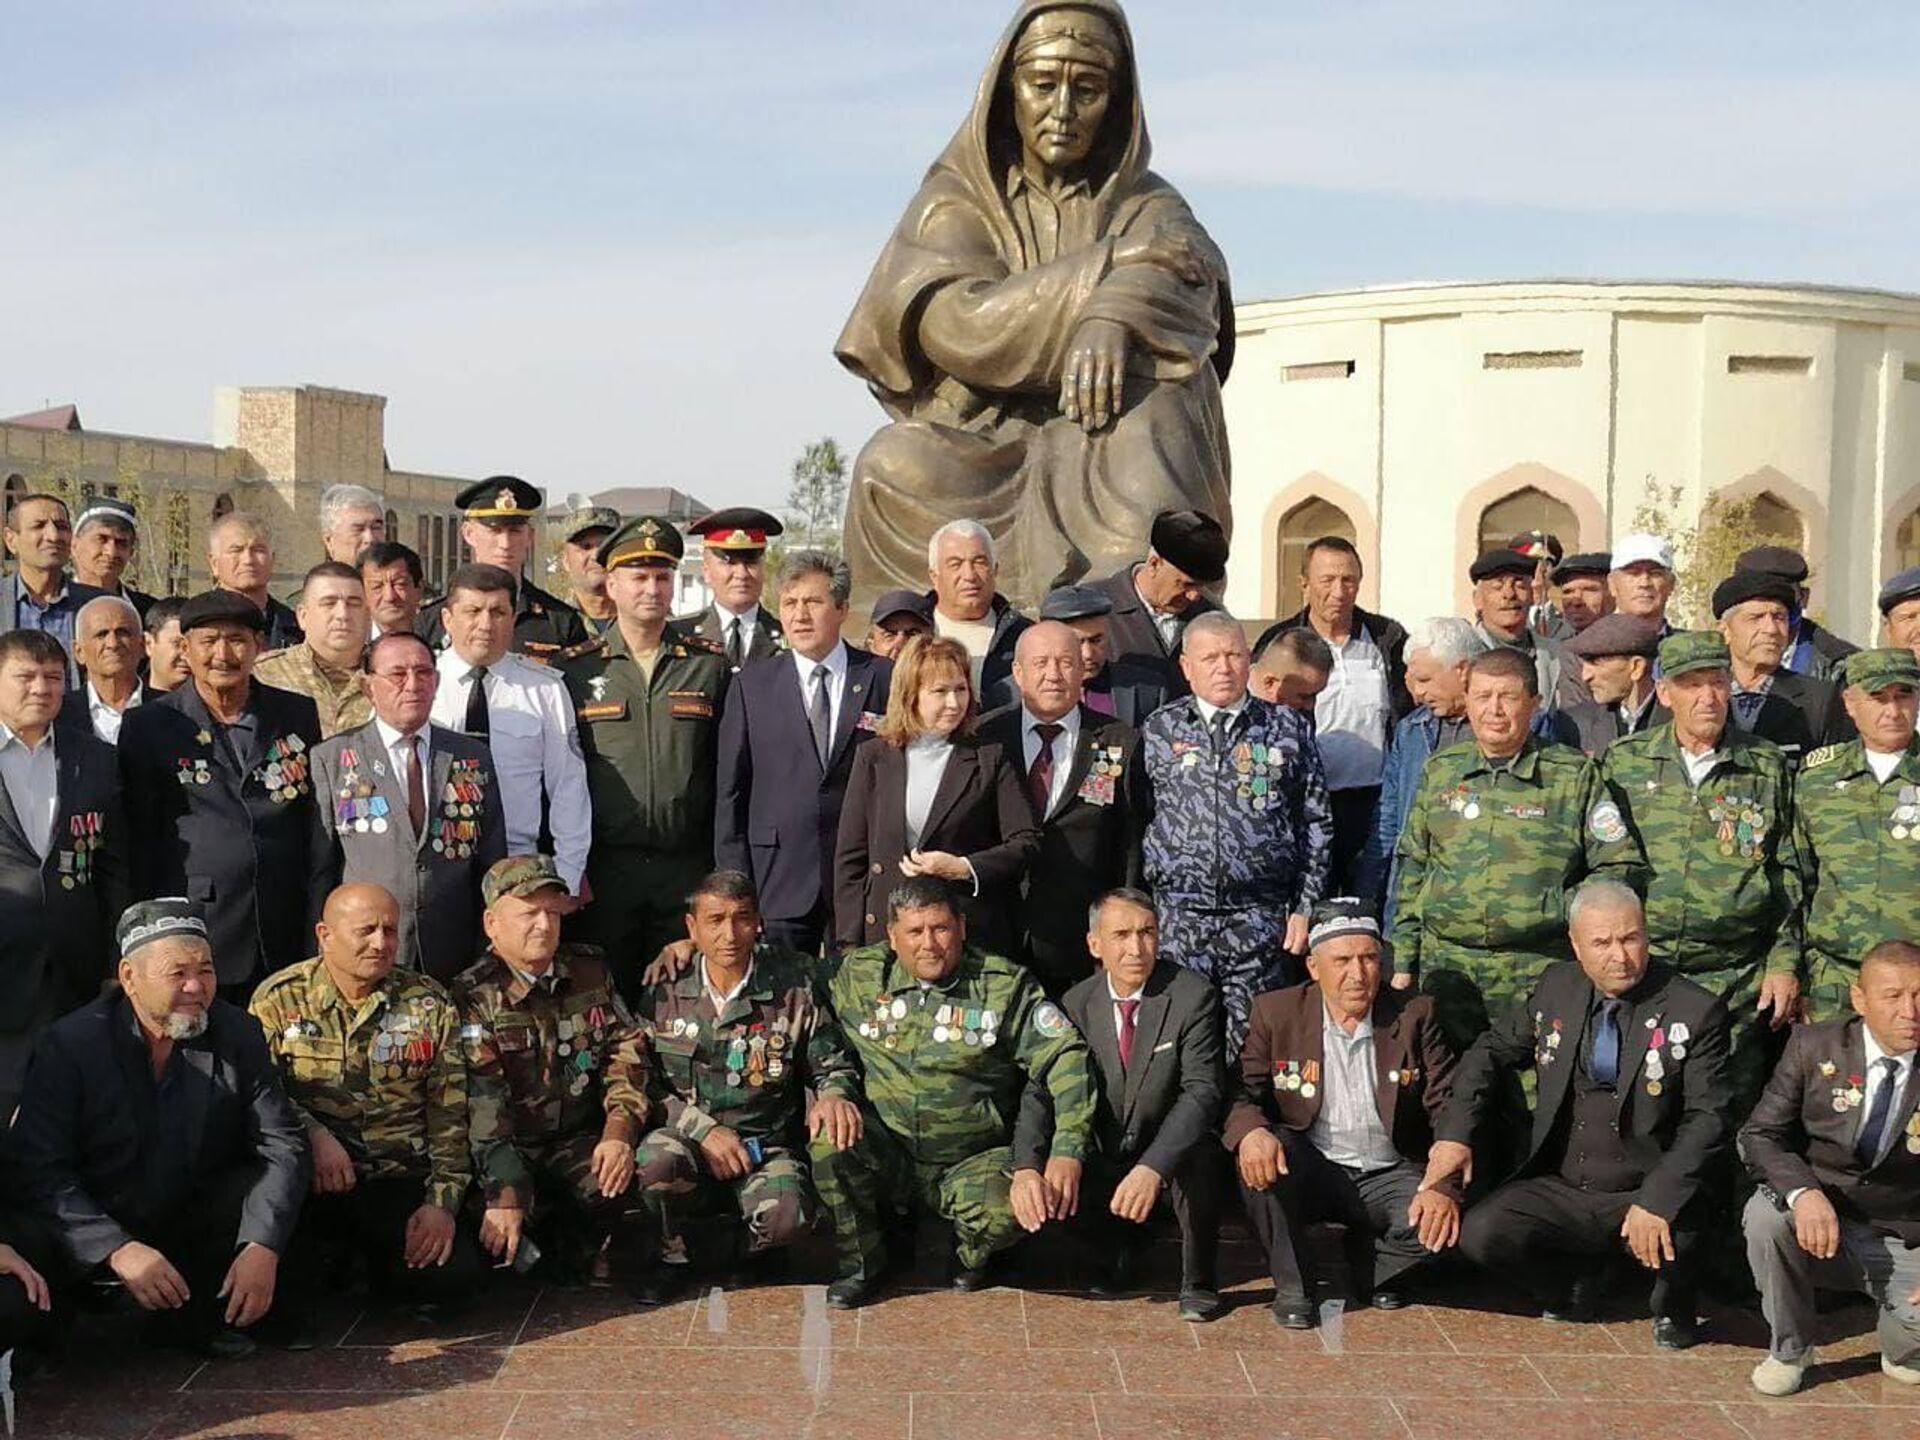 Акция поддержки ветеранов военных действий со стороны Посольства РФ в Узбекистане - Sputnik Узбекистан, 1920, 11.10.2021